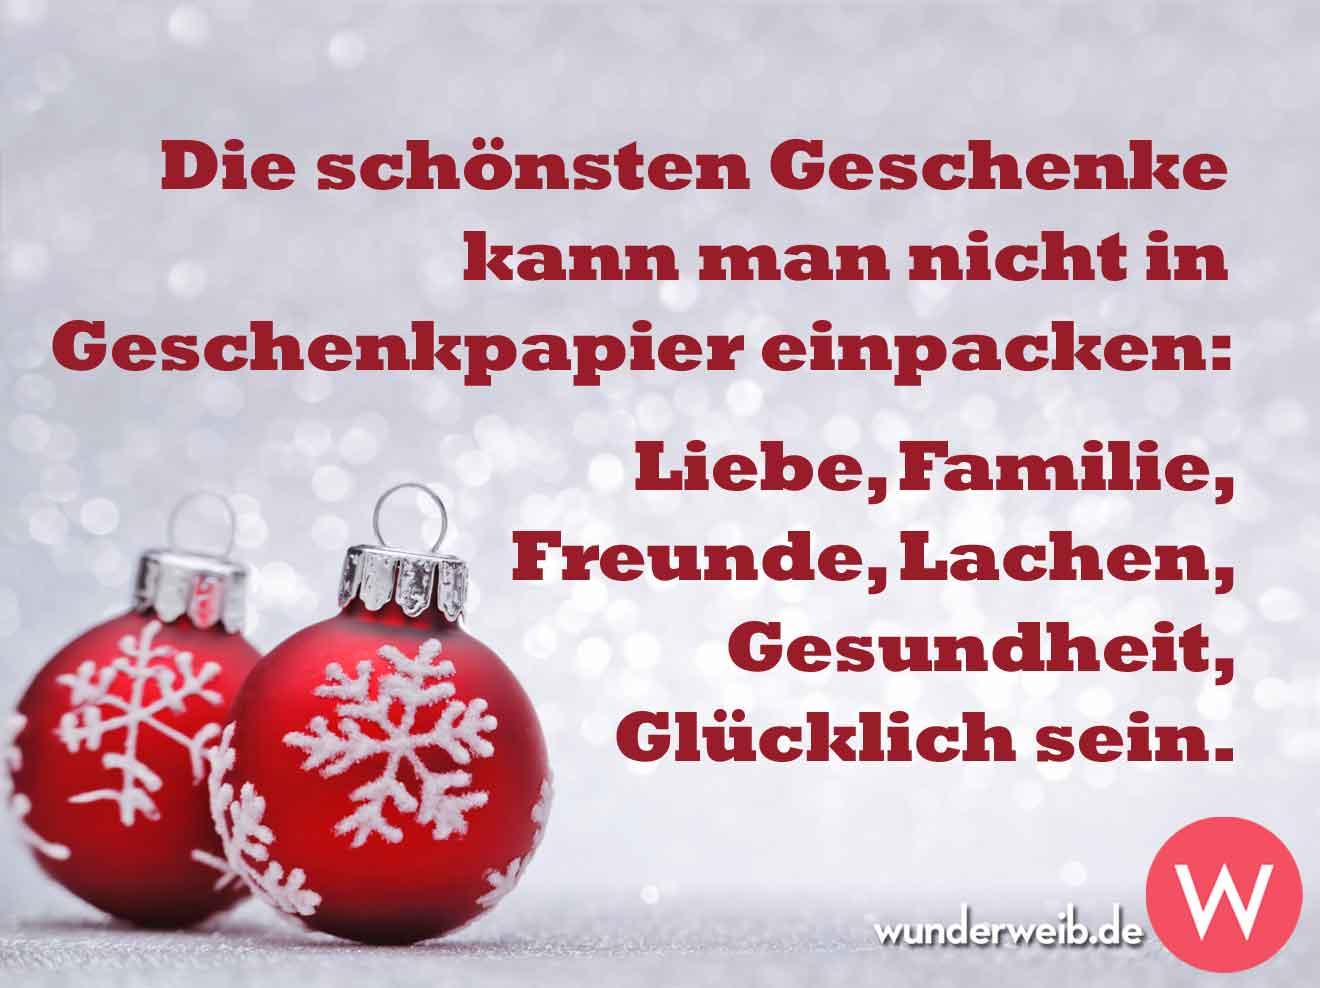 Sprüche Zu Weihnachten: Lustig, Schön Und Besinnlich ganzes Lustige Und Kurze Weihnachtsgedichte